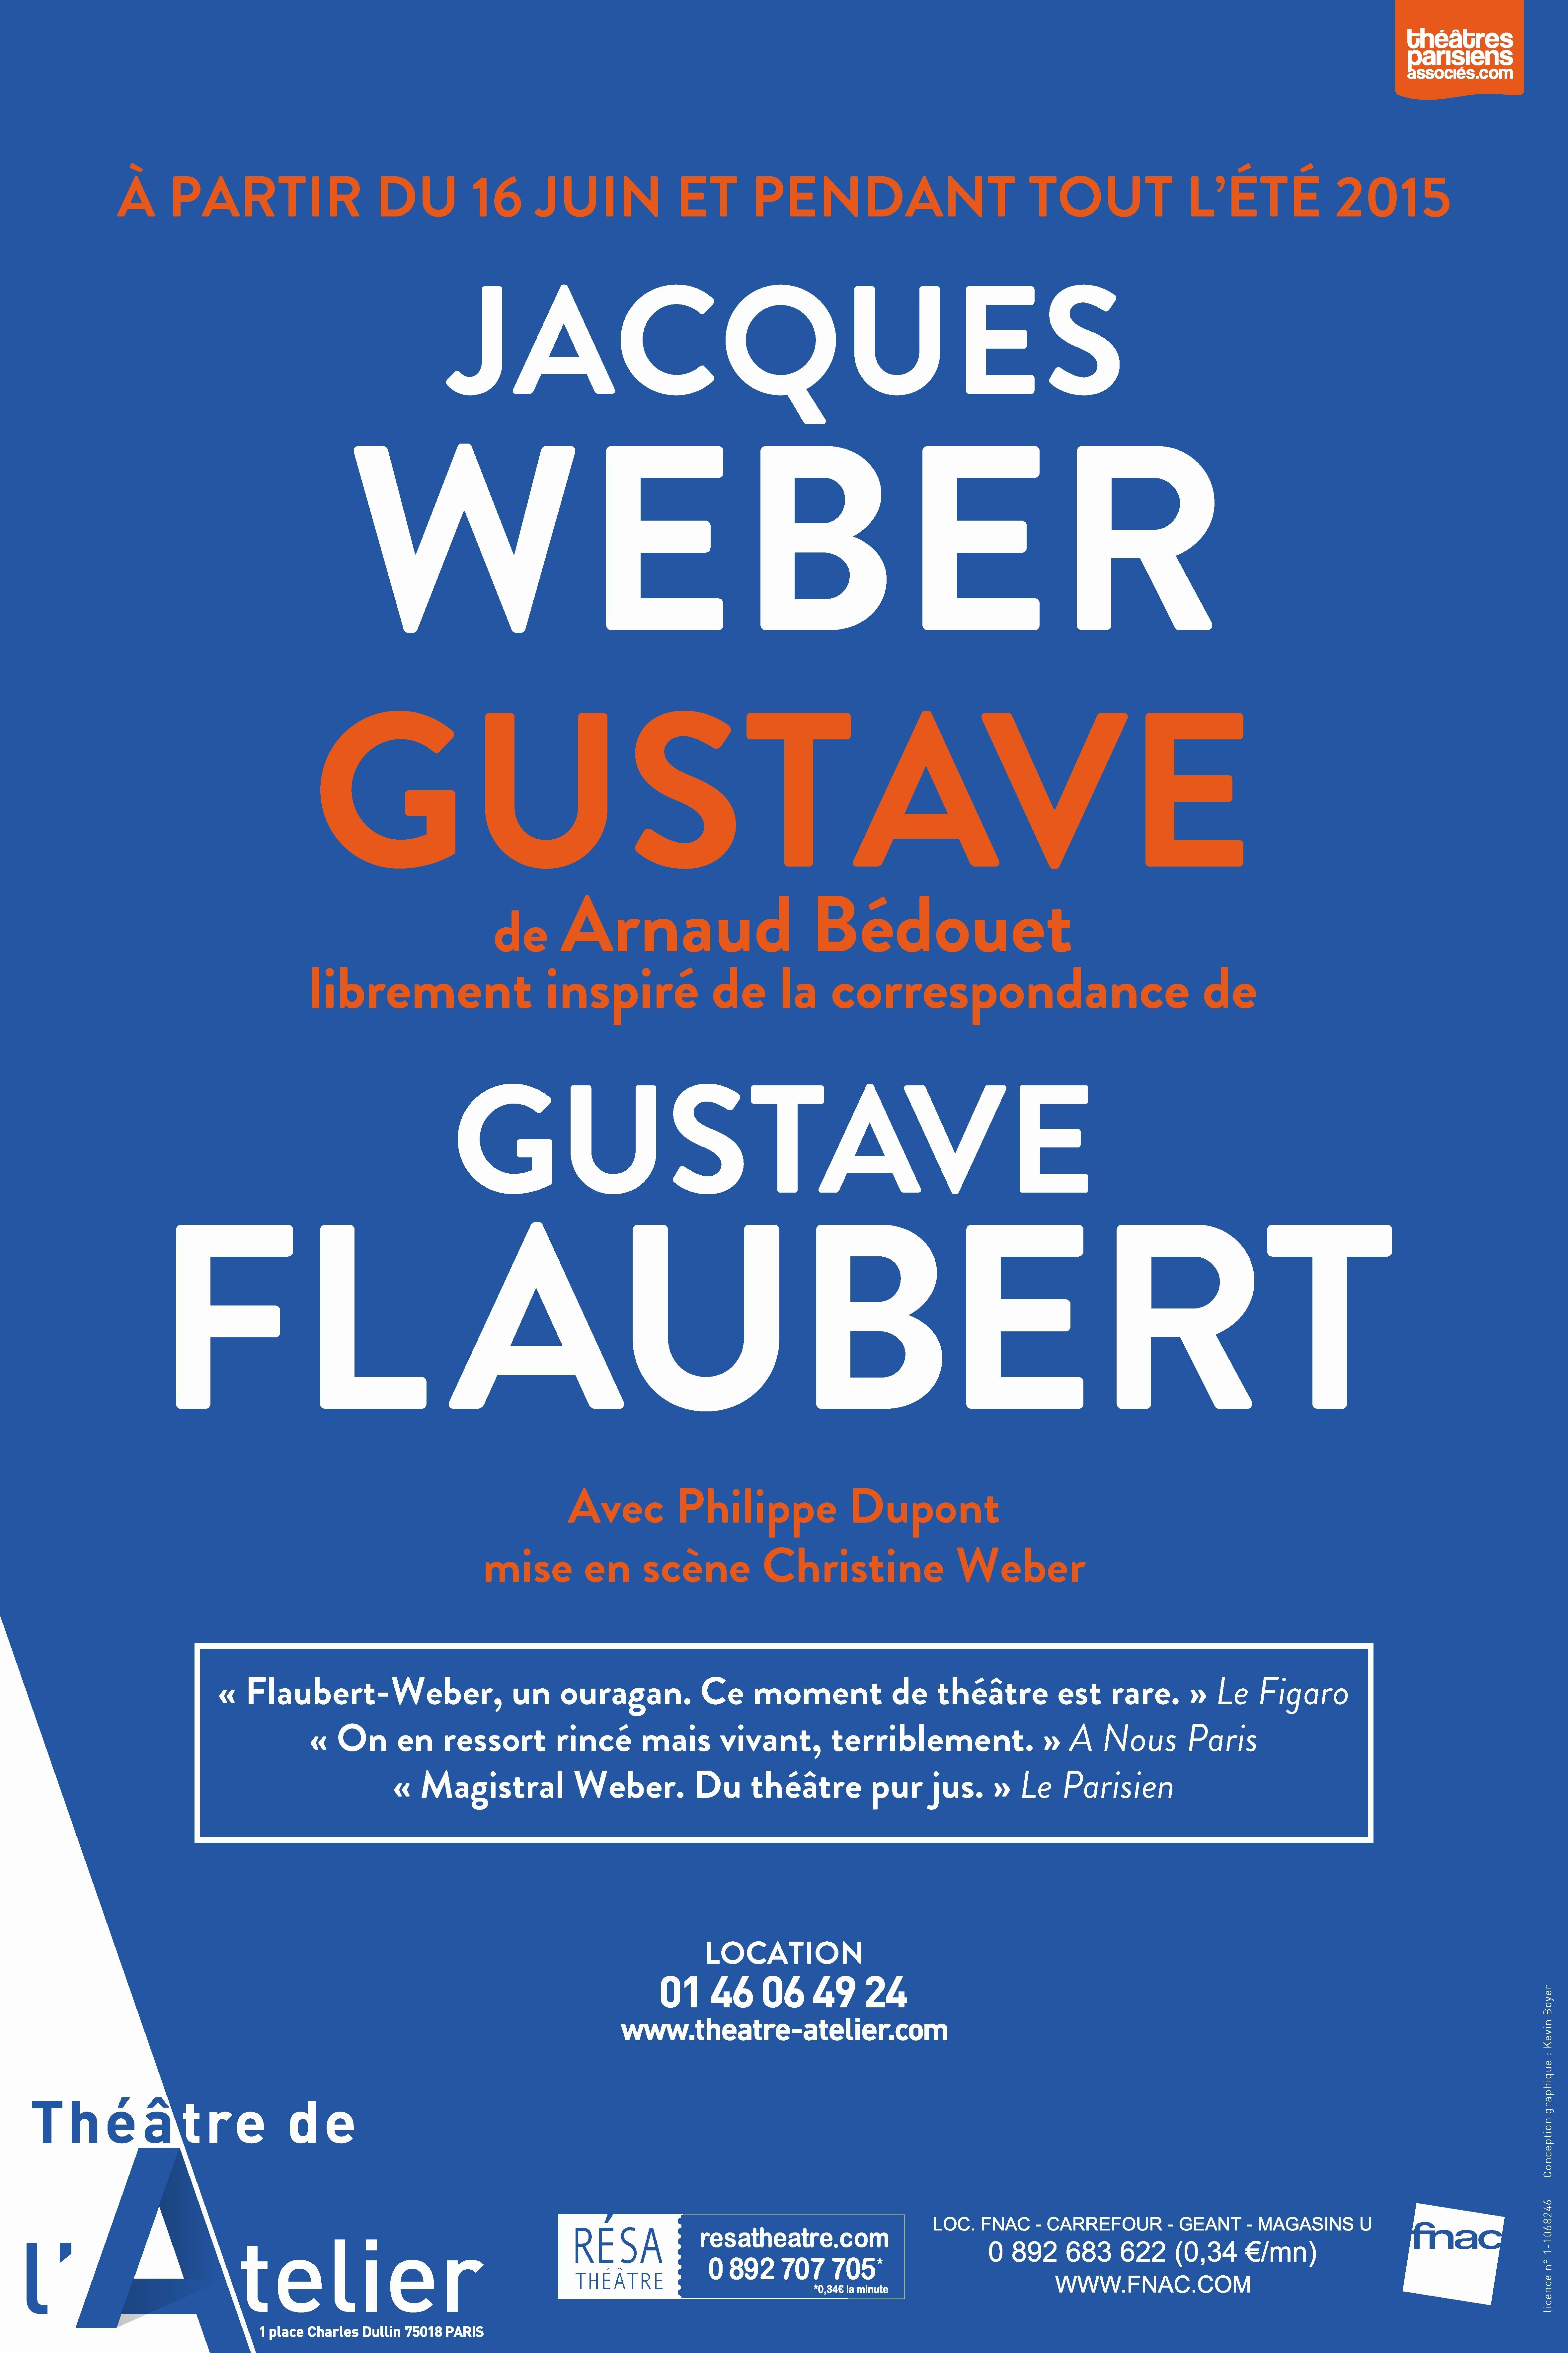 Affiche spectacle GUSTAVE librement inspiré des correspondancesde Flaubert pièce avec Jacques Weber Philippe Dupont mise en scène Christine Weber reprise au théâtre de l atelier paris